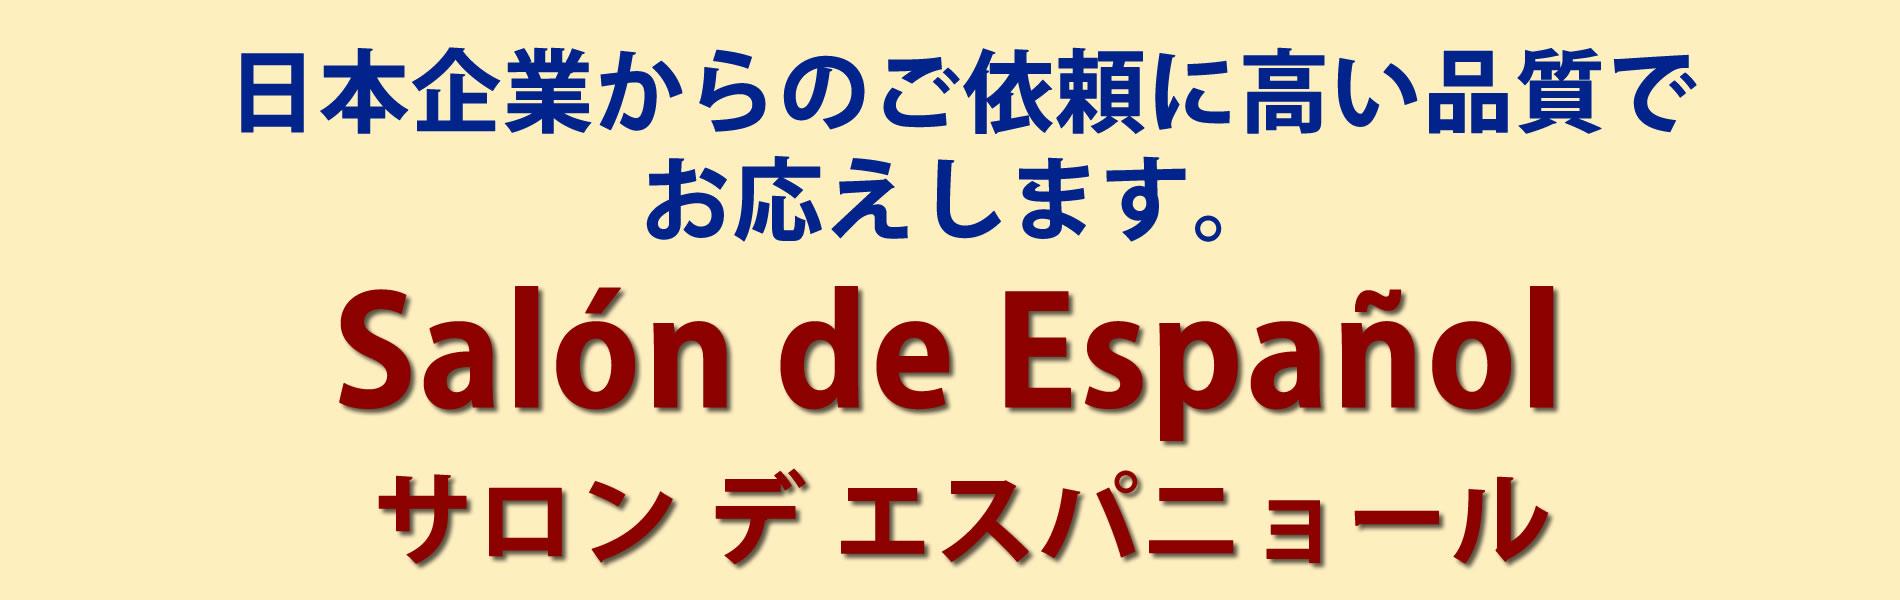 スペイン語圏の文化リテラシーを大切にした翻訳・トレーニング業務